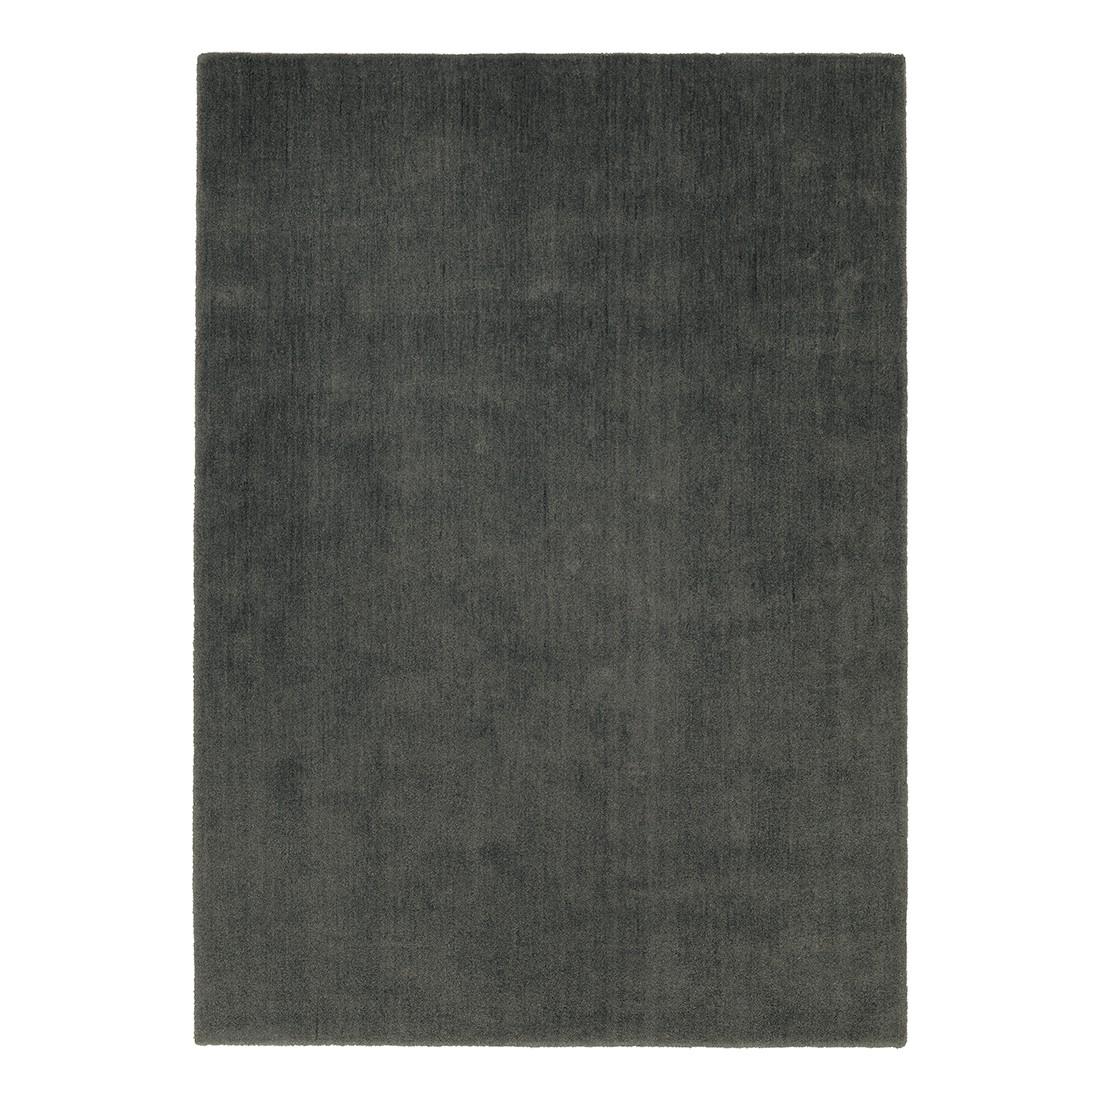 teppich victoria grau 90 x 160 cm sch ner wohnen kollektion jetzt bestellen. Black Bedroom Furniture Sets. Home Design Ideas